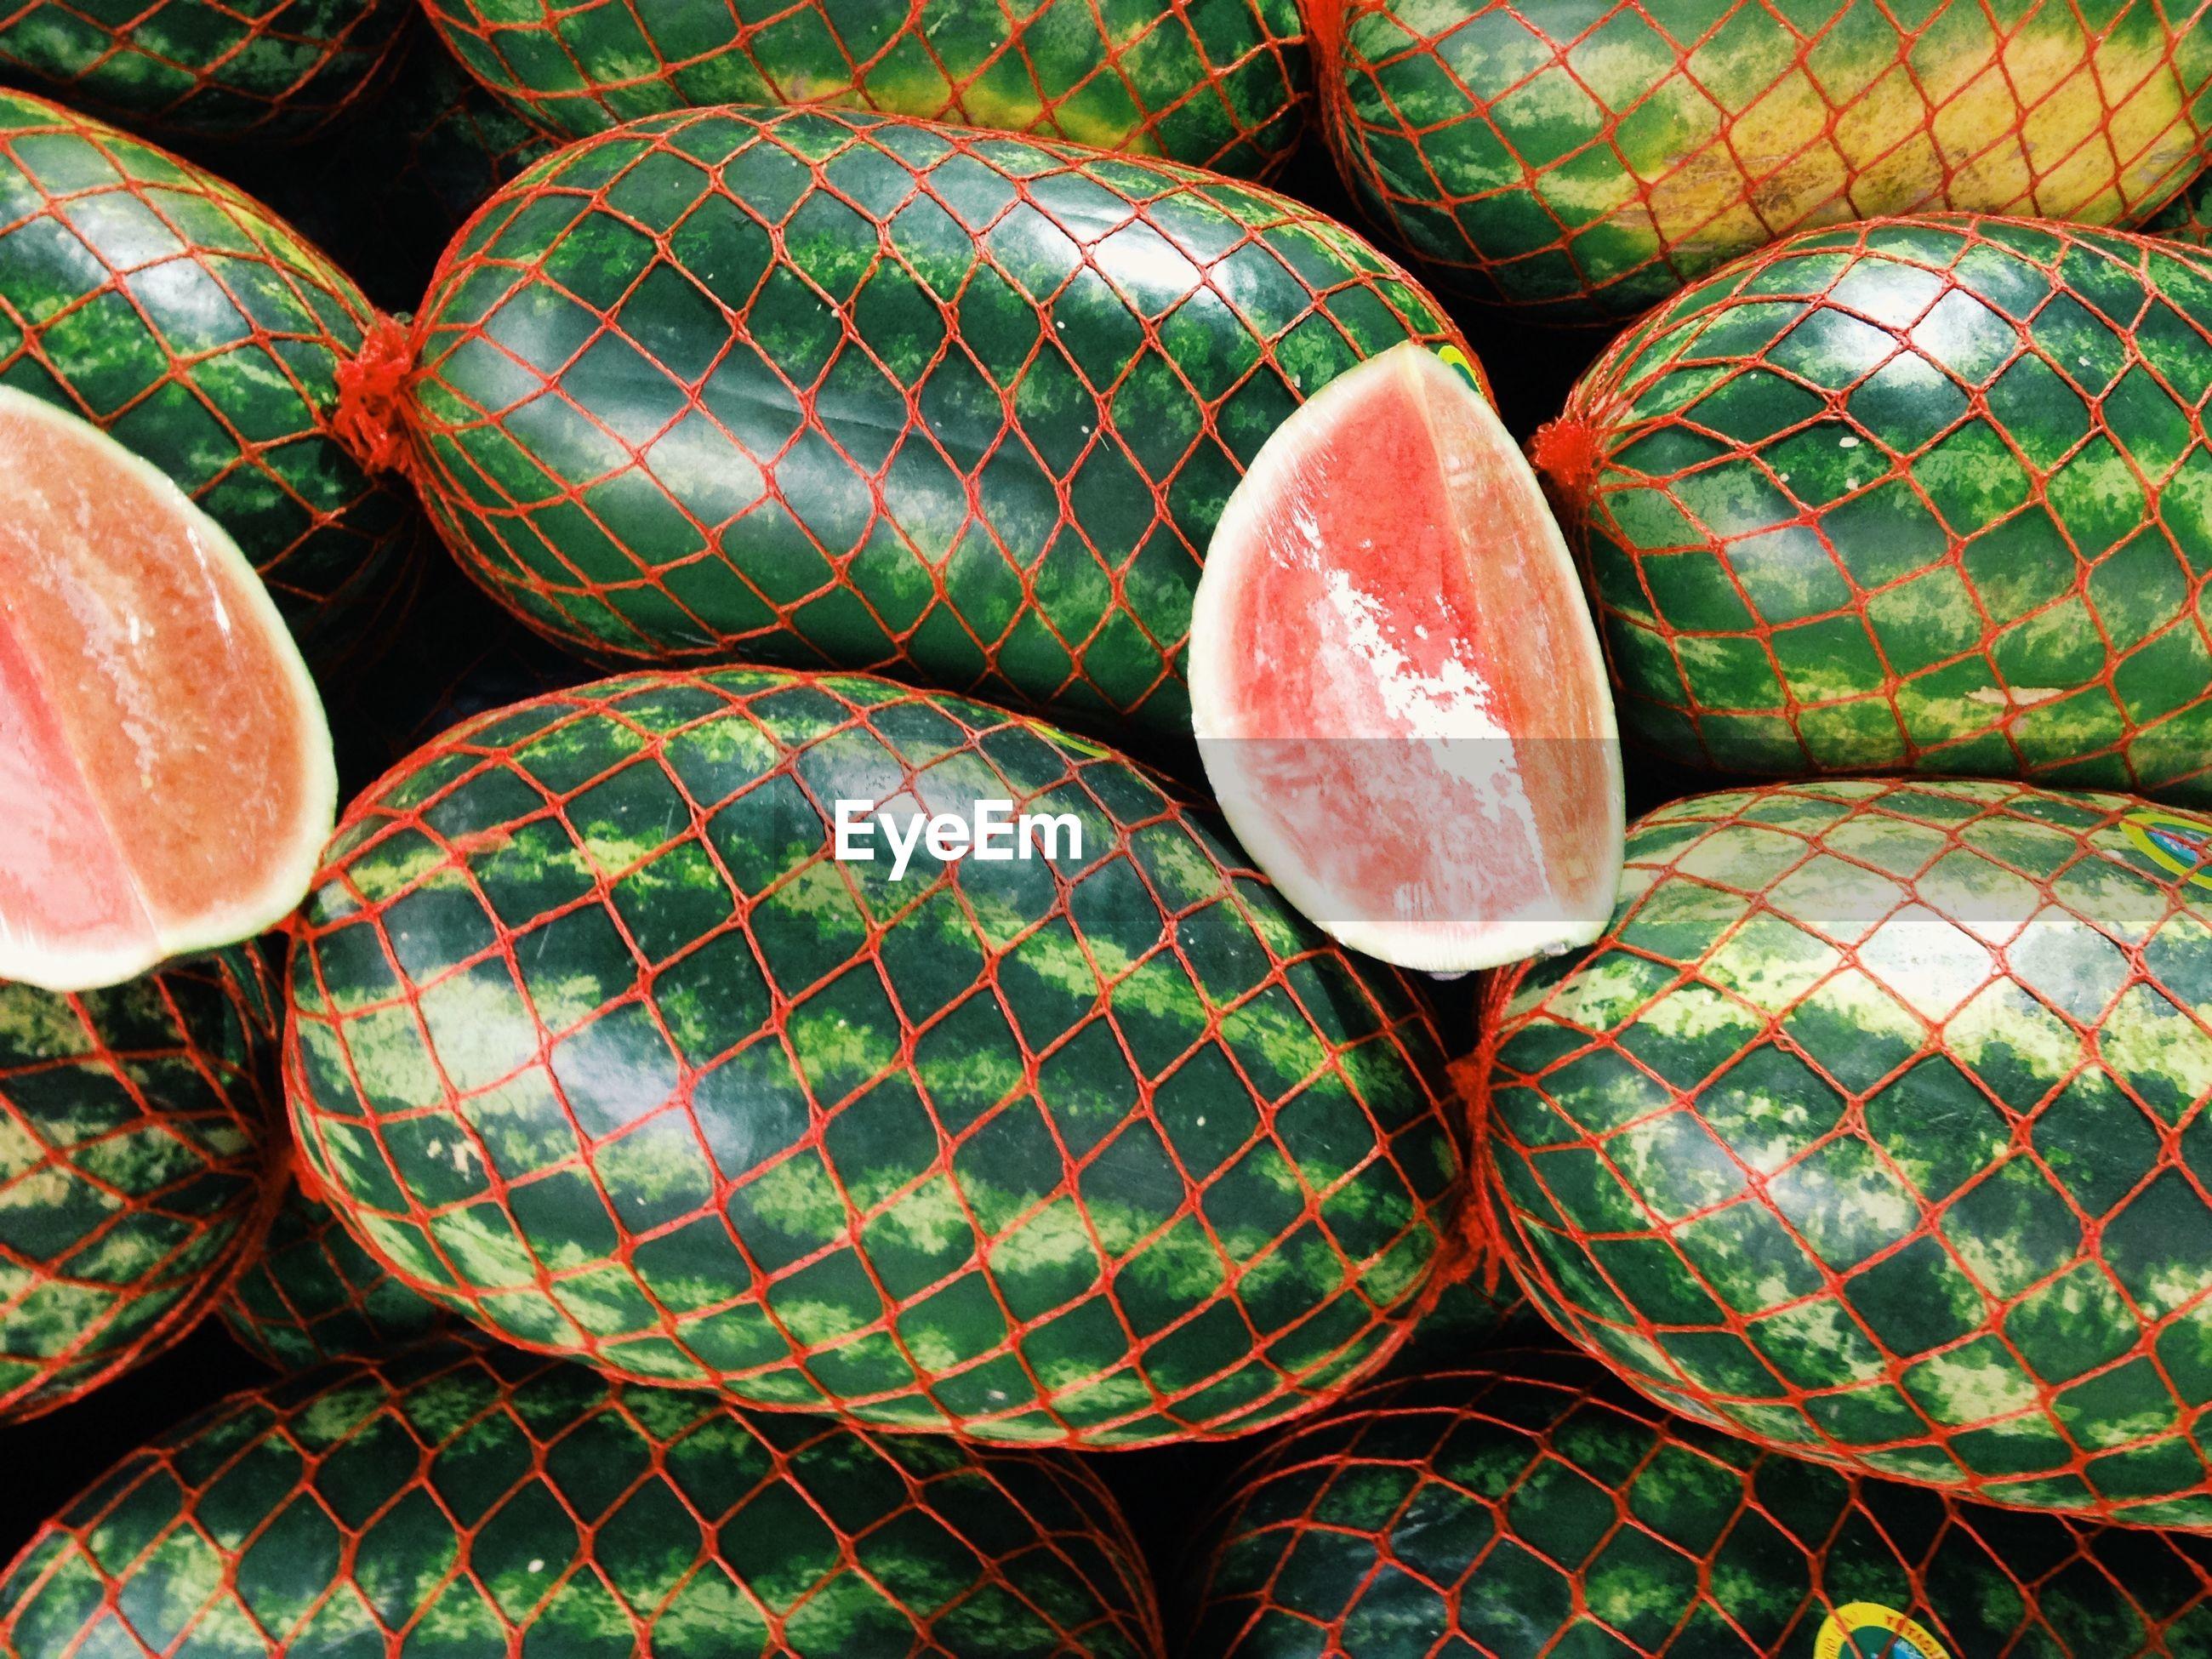 Watermelons in net